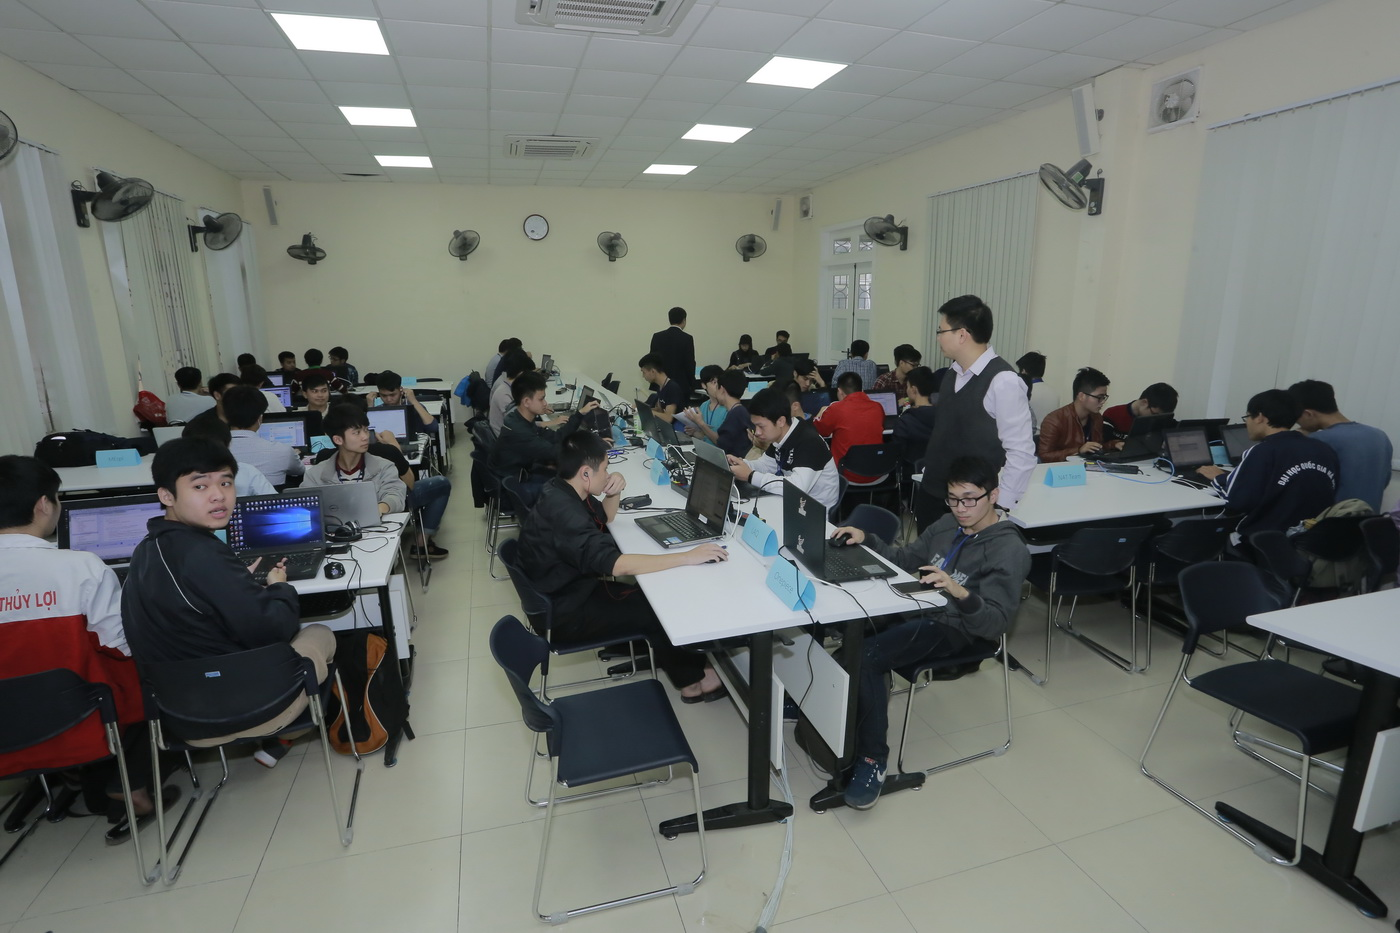 Khai mạc UET Hackathon 2017 - Nơi các anh tài công nghệ được hội tụ và thỏa sức sáng tạo - Ảnh 15.